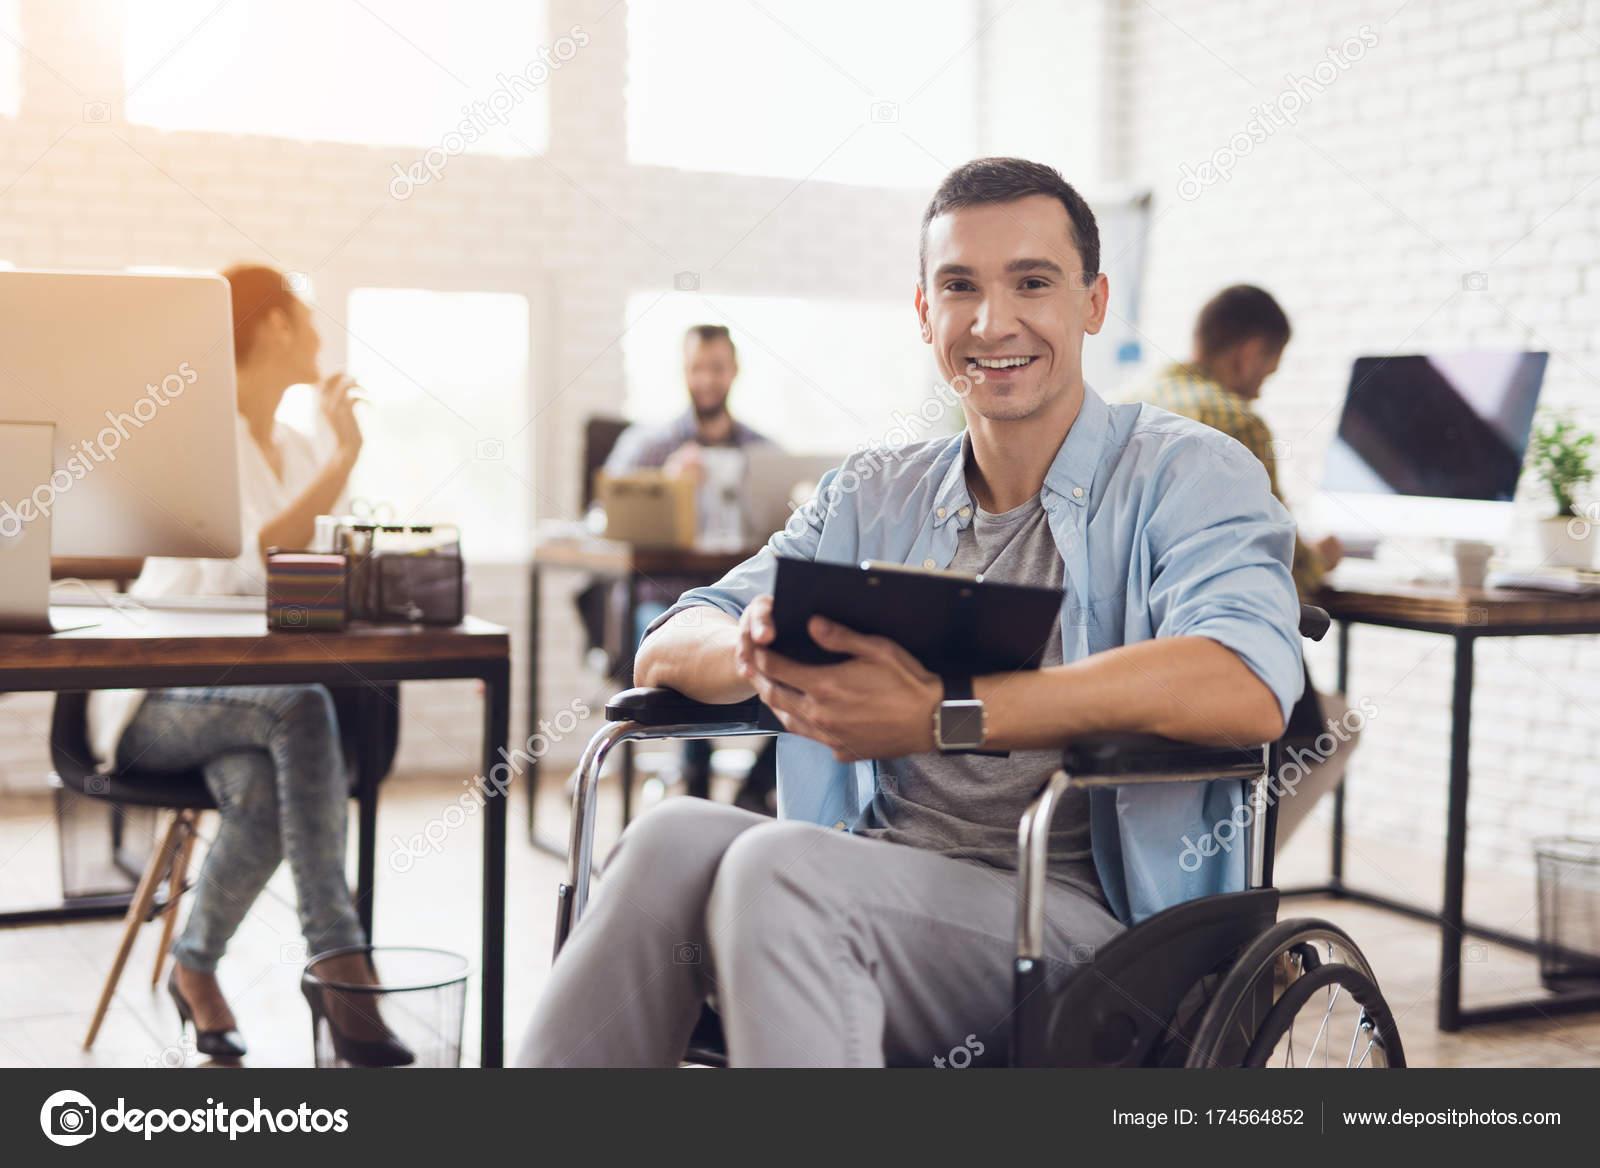 Une personne handicapée en fauteuil roulant travaille dans le